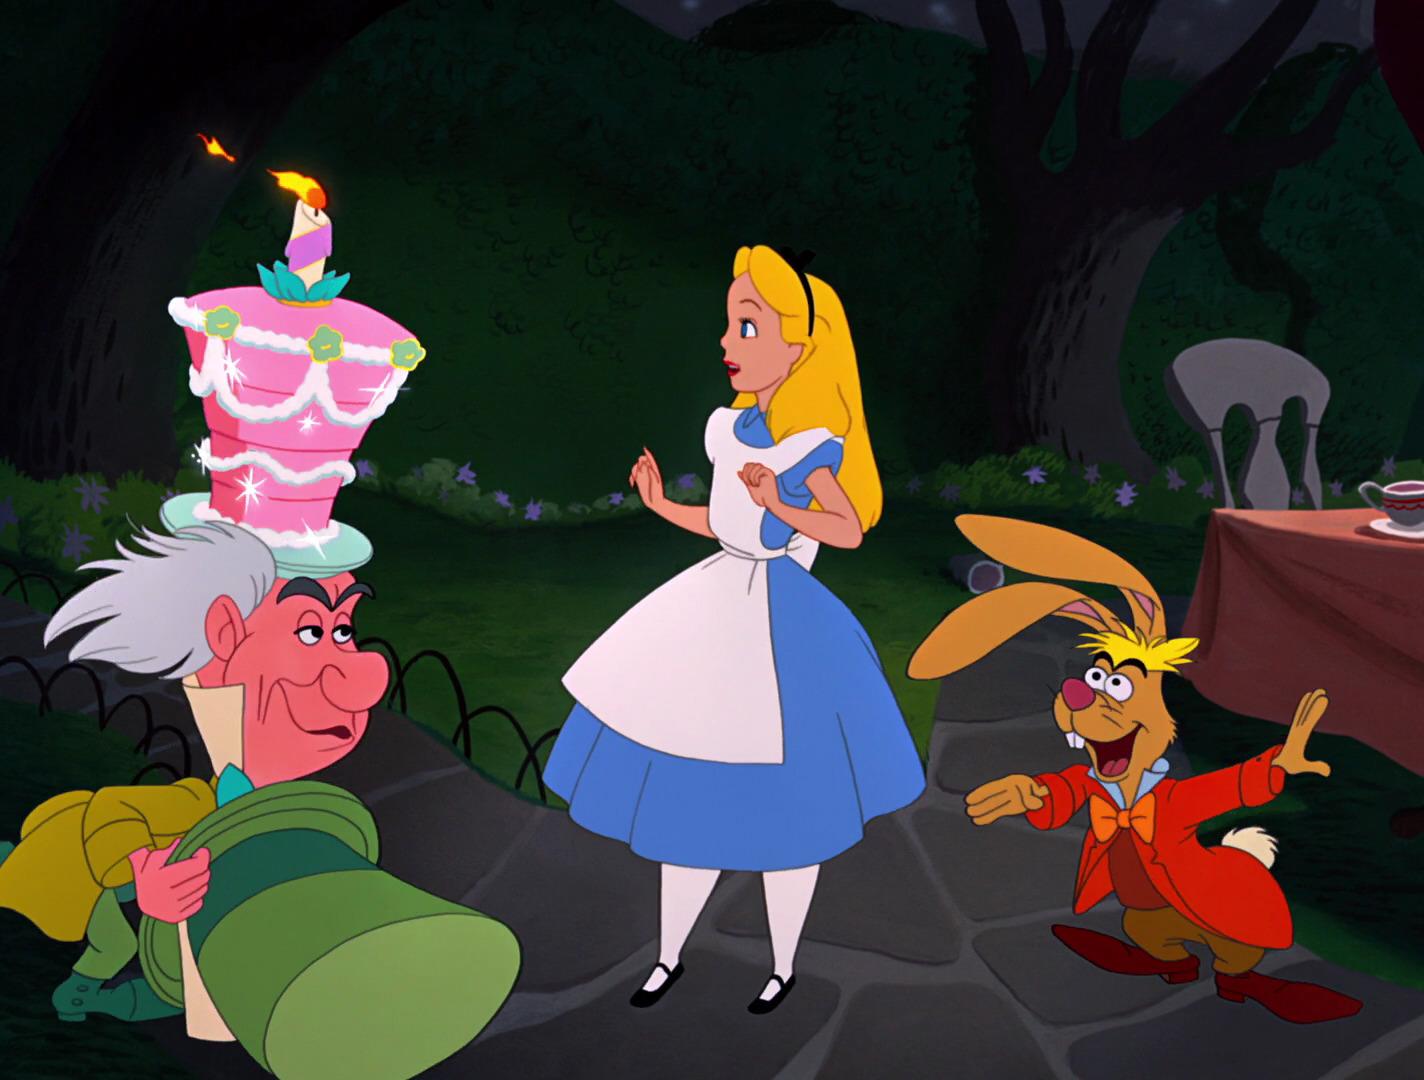 Extraordinaire Alice Au Pays Des Merveilles Dessin Animé alice au pays des merveilles - film (1951) - ecranlarge